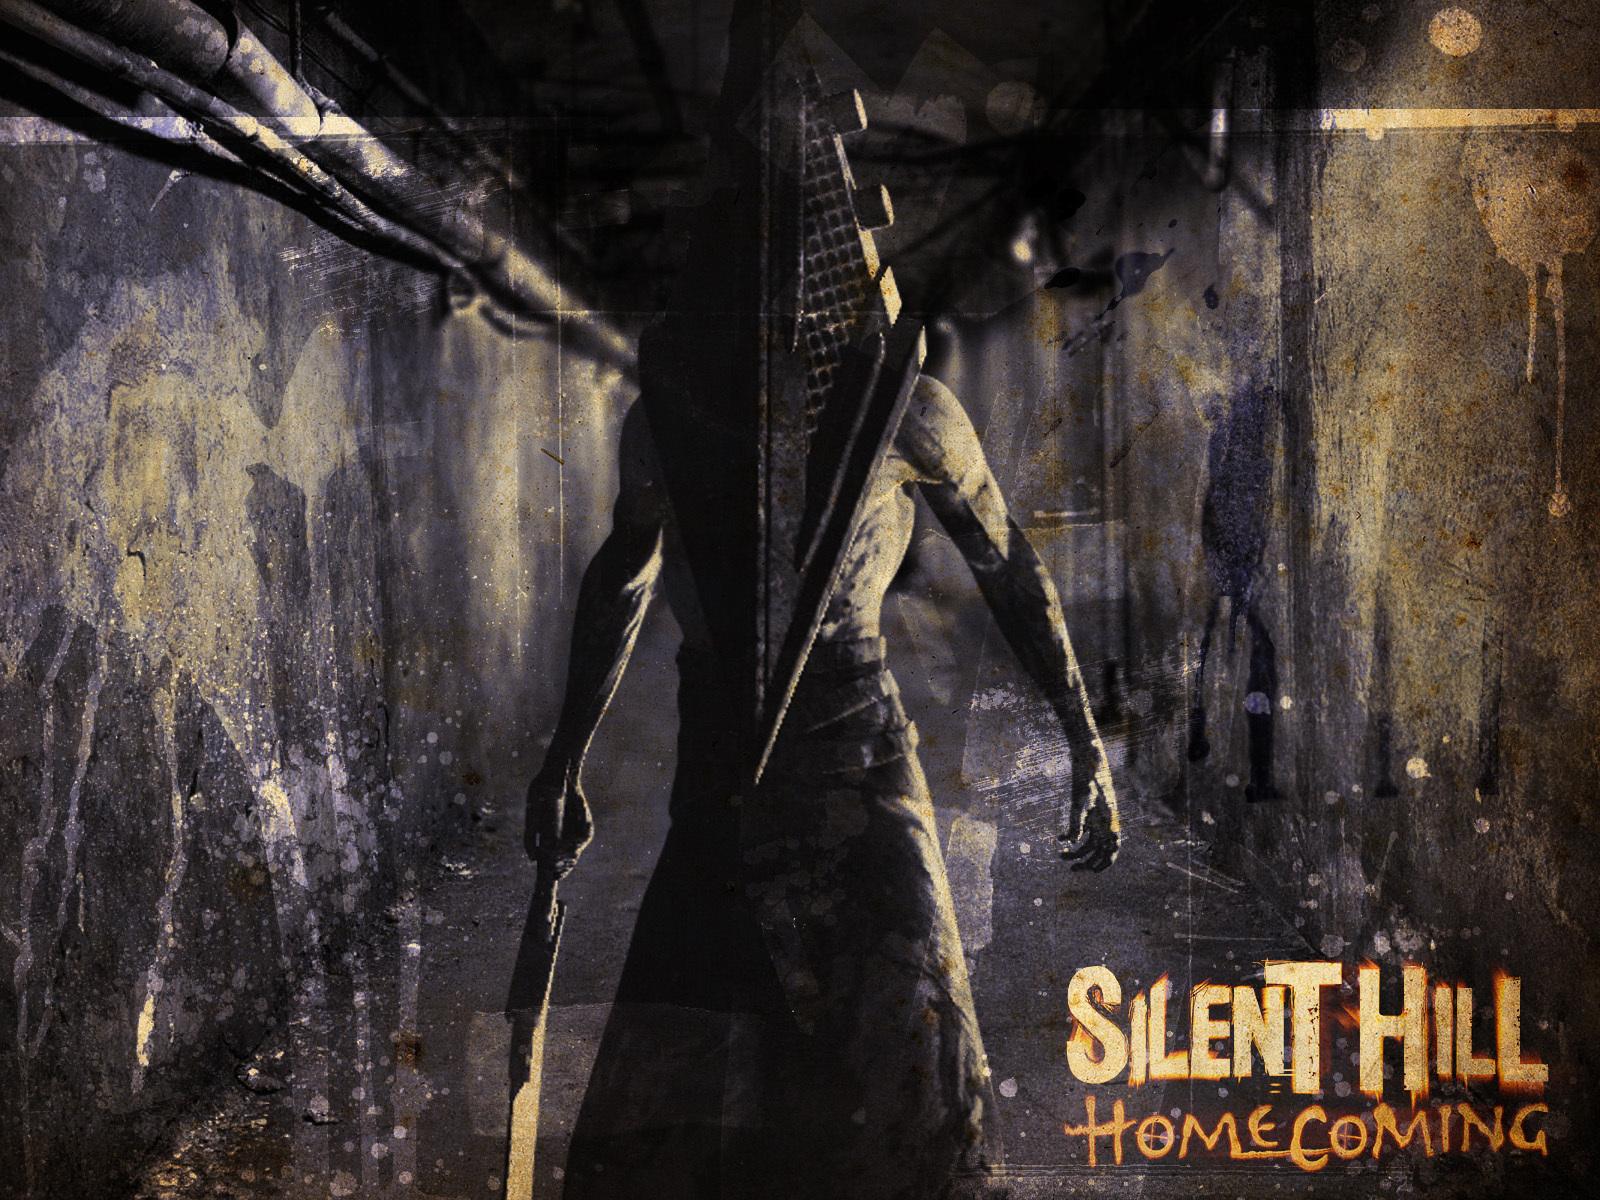 Silent Hill:Homecoming Silent-Hill-Homecoming-silent-hill-8166890-1600-1200